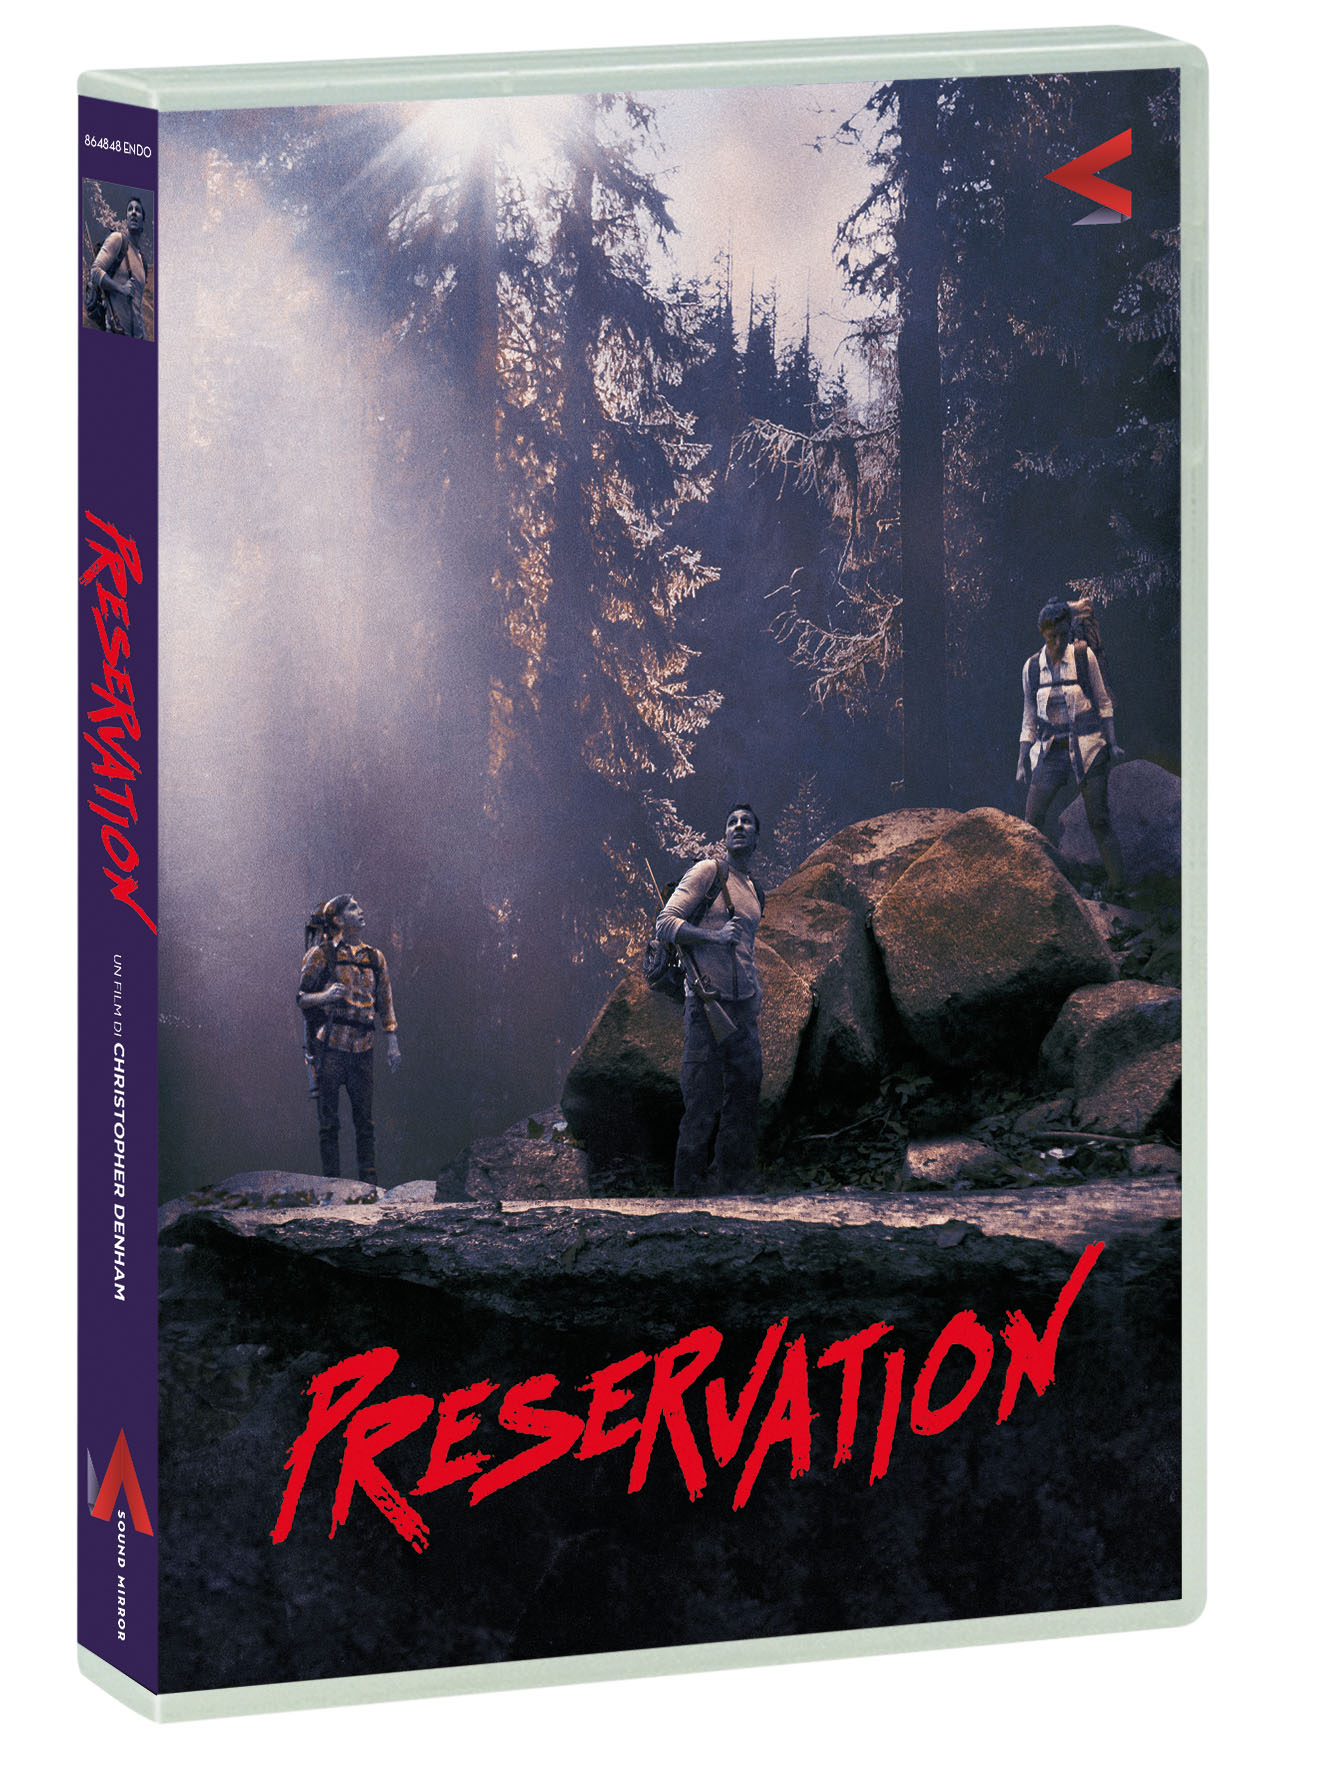 PRESERVATION (DVD)